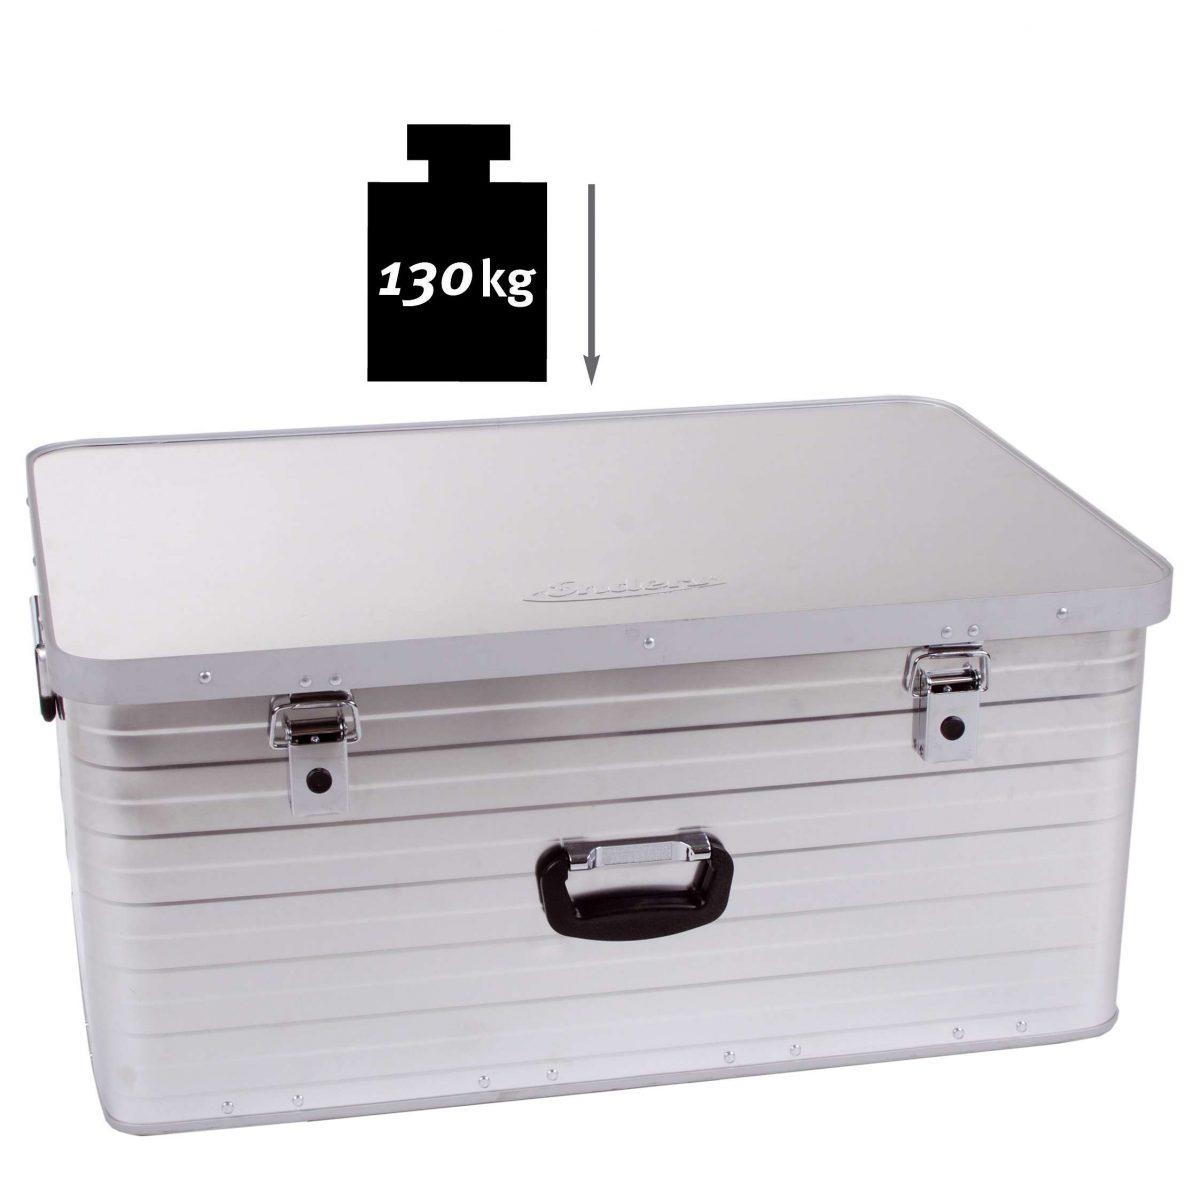 Enders Aluminium Box